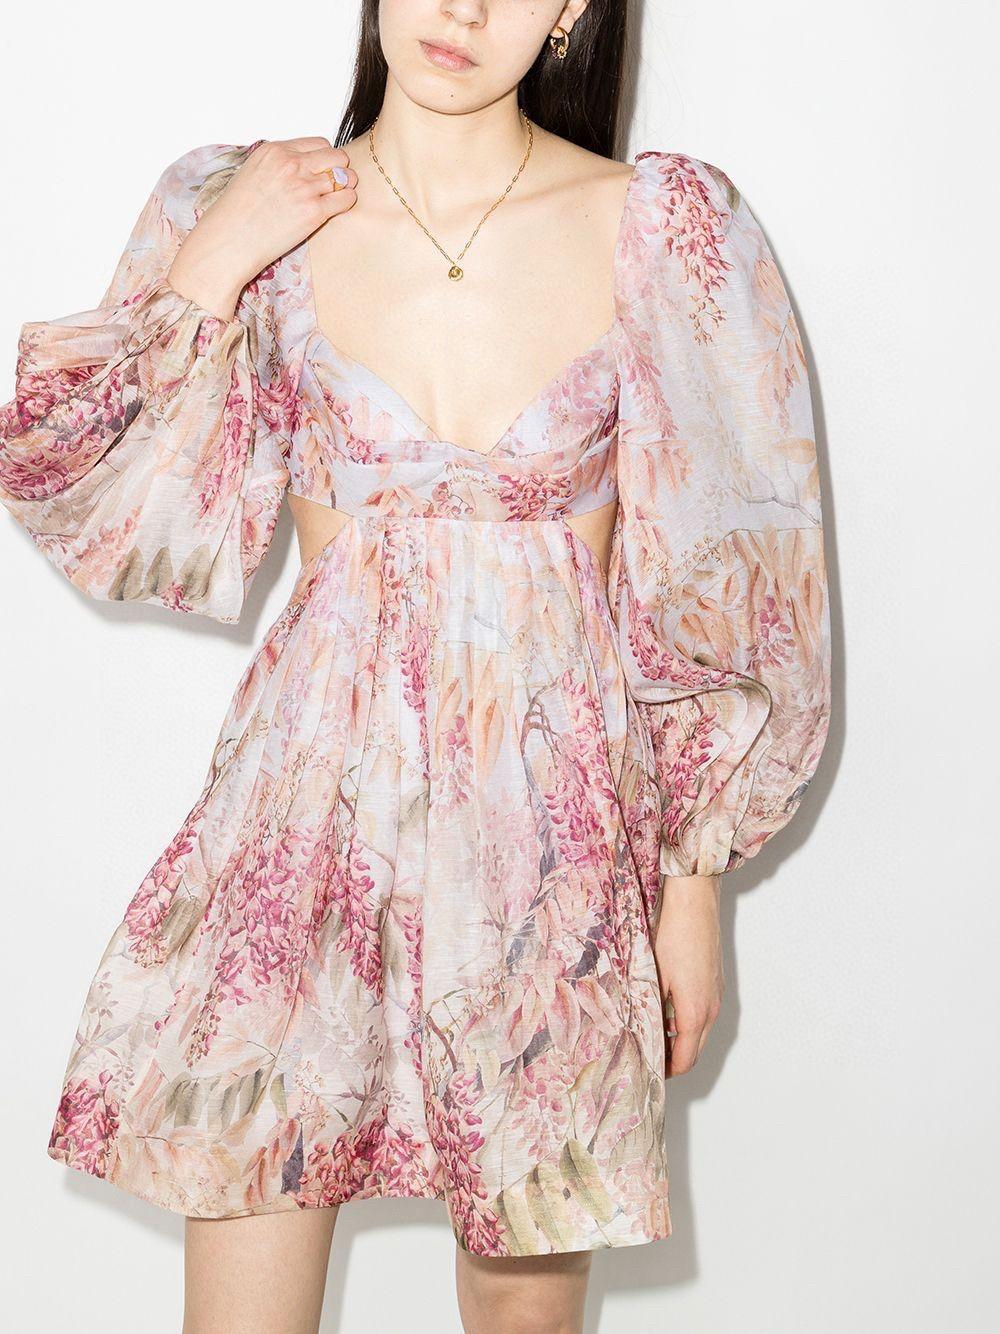 El mismo diseño francés vintage de la estrella, vestido de vacaciones floral sin espalda vintage sin esponja, falda mullida